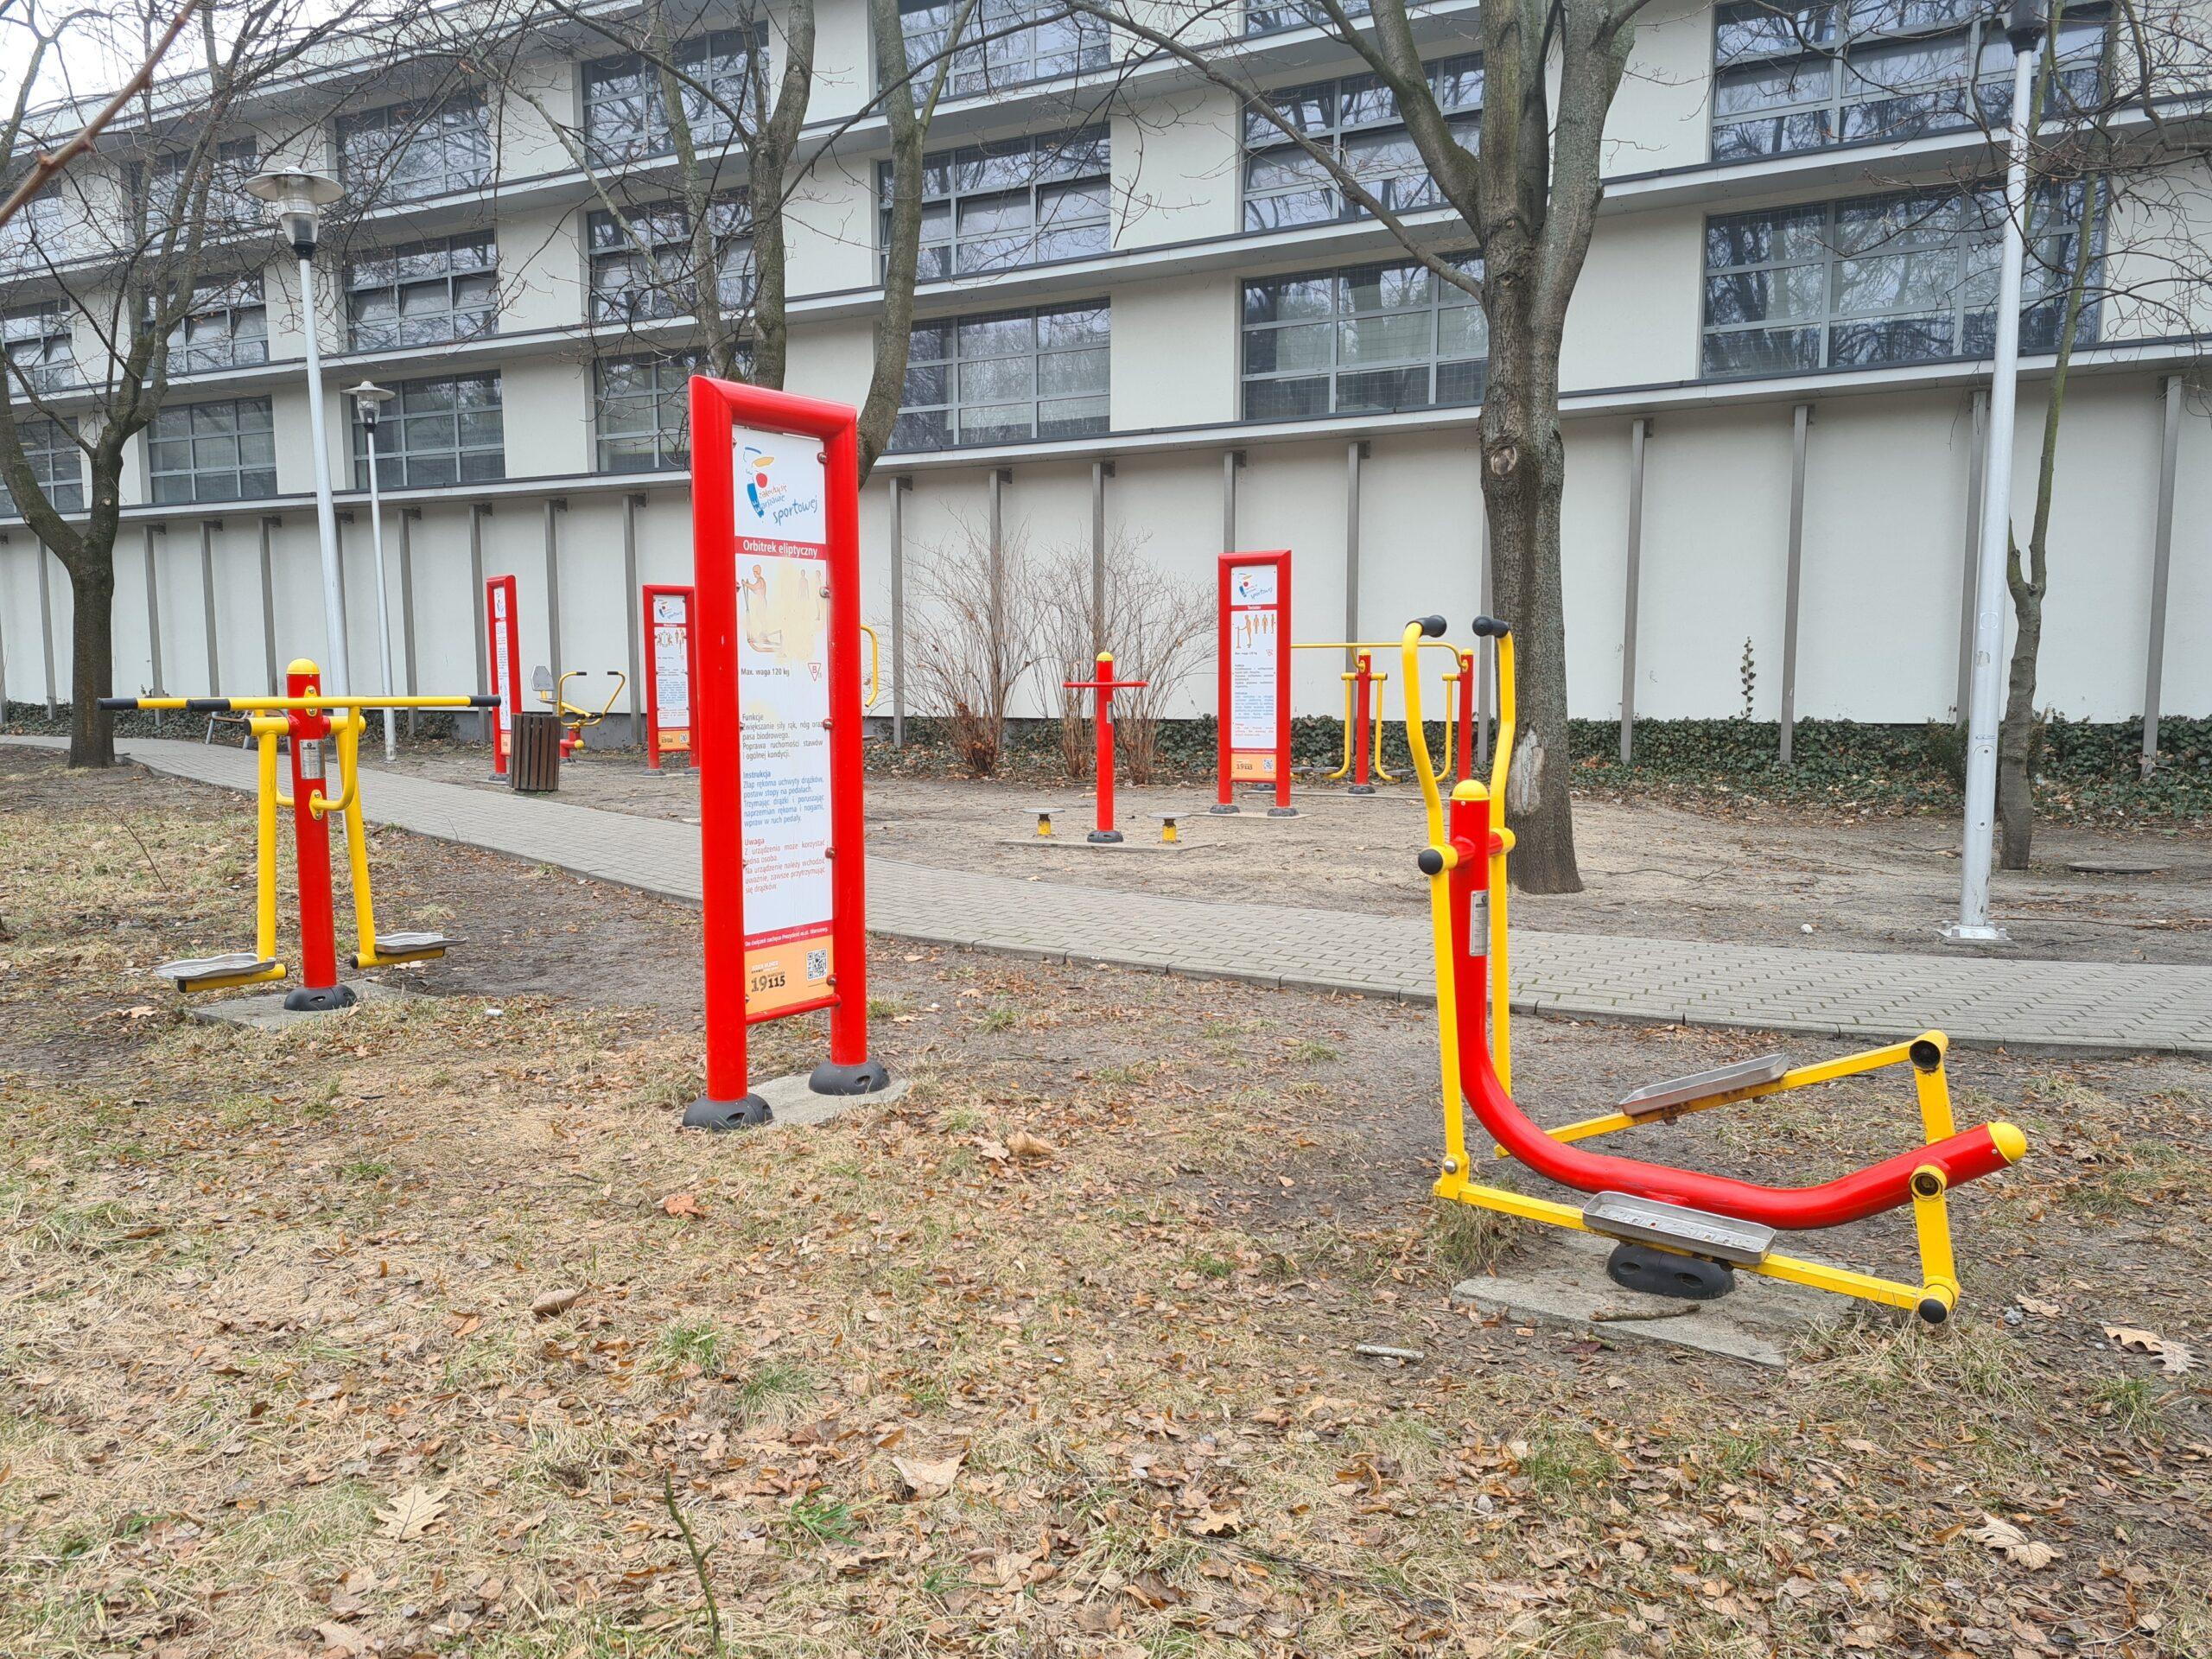 2 różniące się zdjęcia siłowni plenerowej Lindego: Zdjęcie siłowni plenerowej przy obiekcie sportowym Lindego. Znajdują się na niej urządzenia do ćwiczeń w kolorach żółtych i czerwonych postawione są one wokół drzew. W tle budynek CRS Bielany.